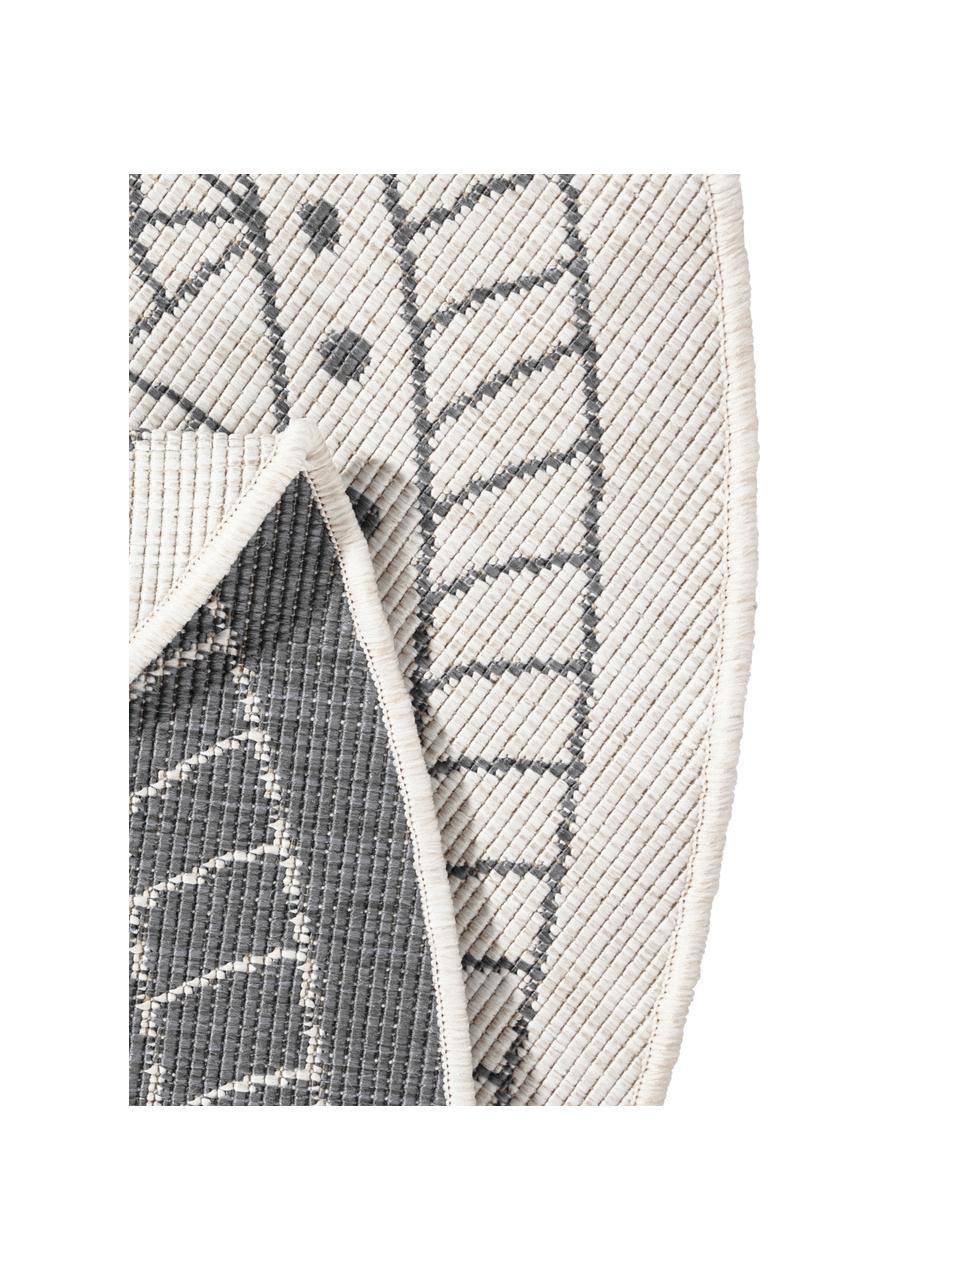 Runder In- & Outdoor-Wendeteppich Porto in Grau/Creme, gemustert, 100% Polypropylen, Grau, Cremefarben, Ø 140 cm (Größe M)